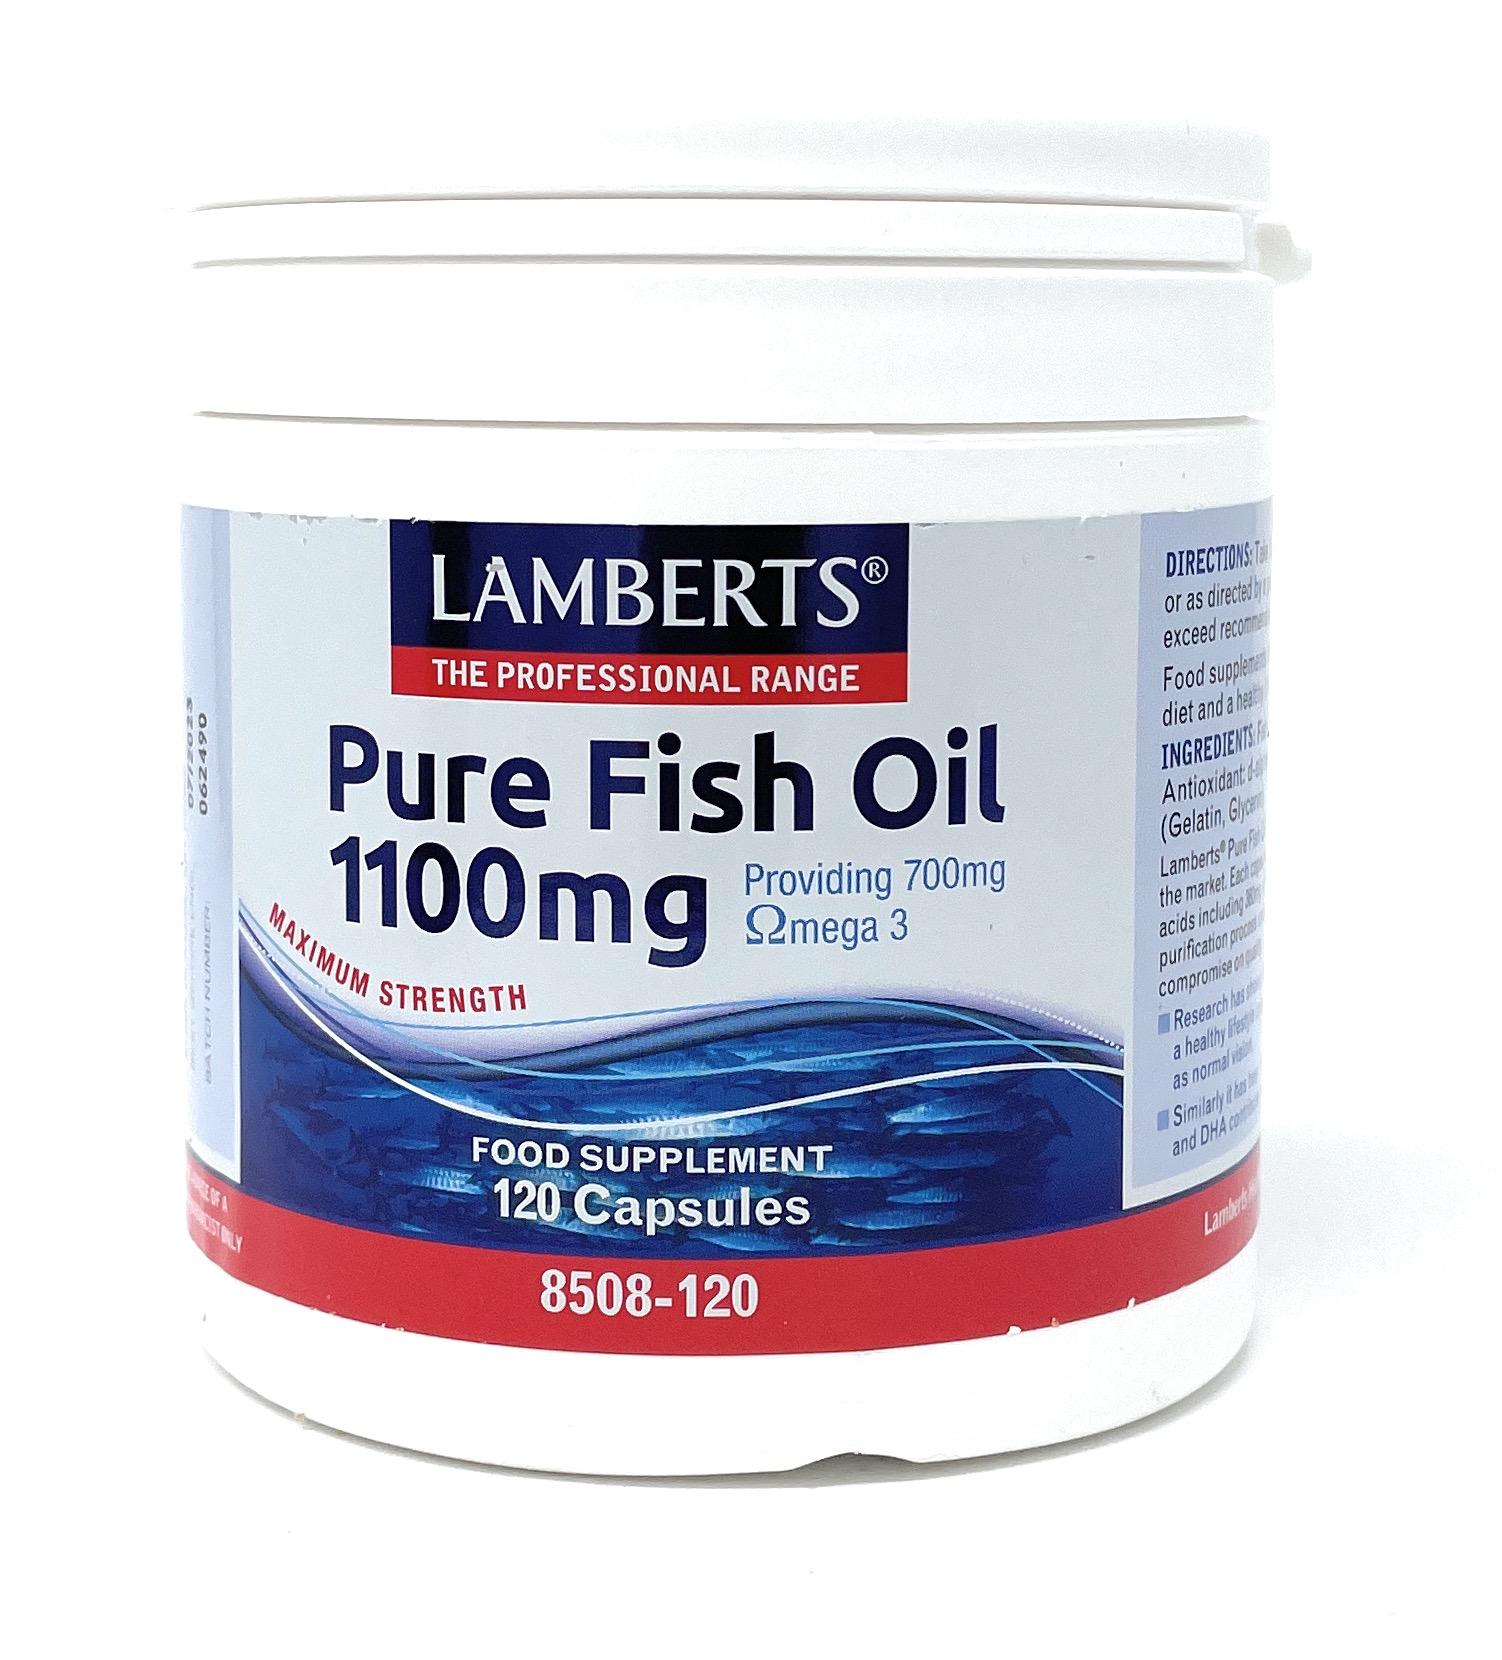 Lamberts Healthcare Ltd. Pure Fish Oil (Fischöl) 1100mg 120 Softgels